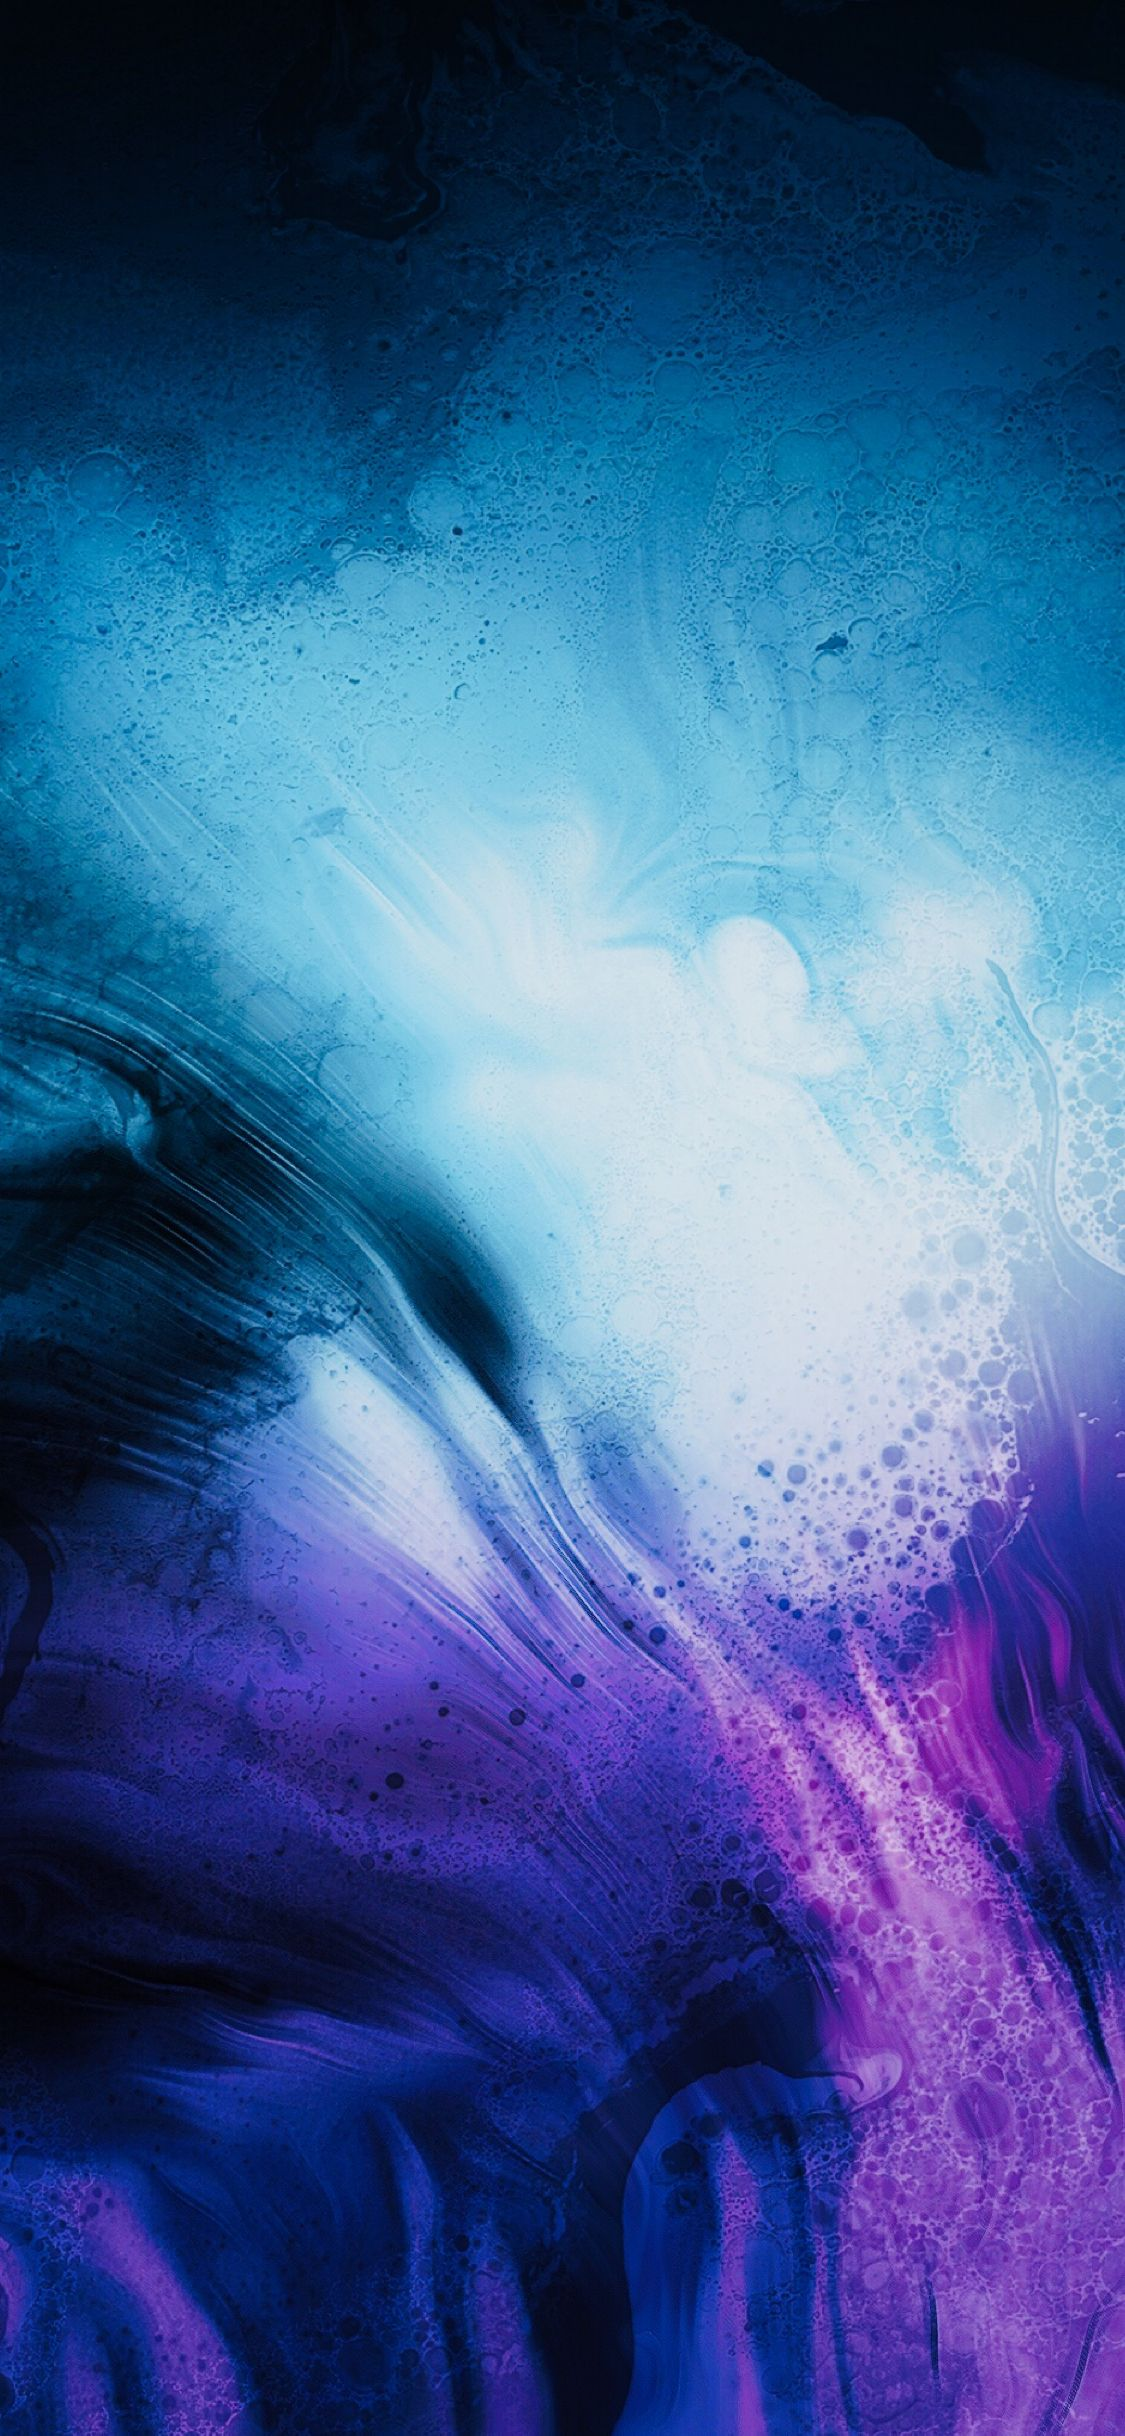 A blend of blue and purple | Amazing | Fundos iphone, Papeis de parede, Planos de fundo